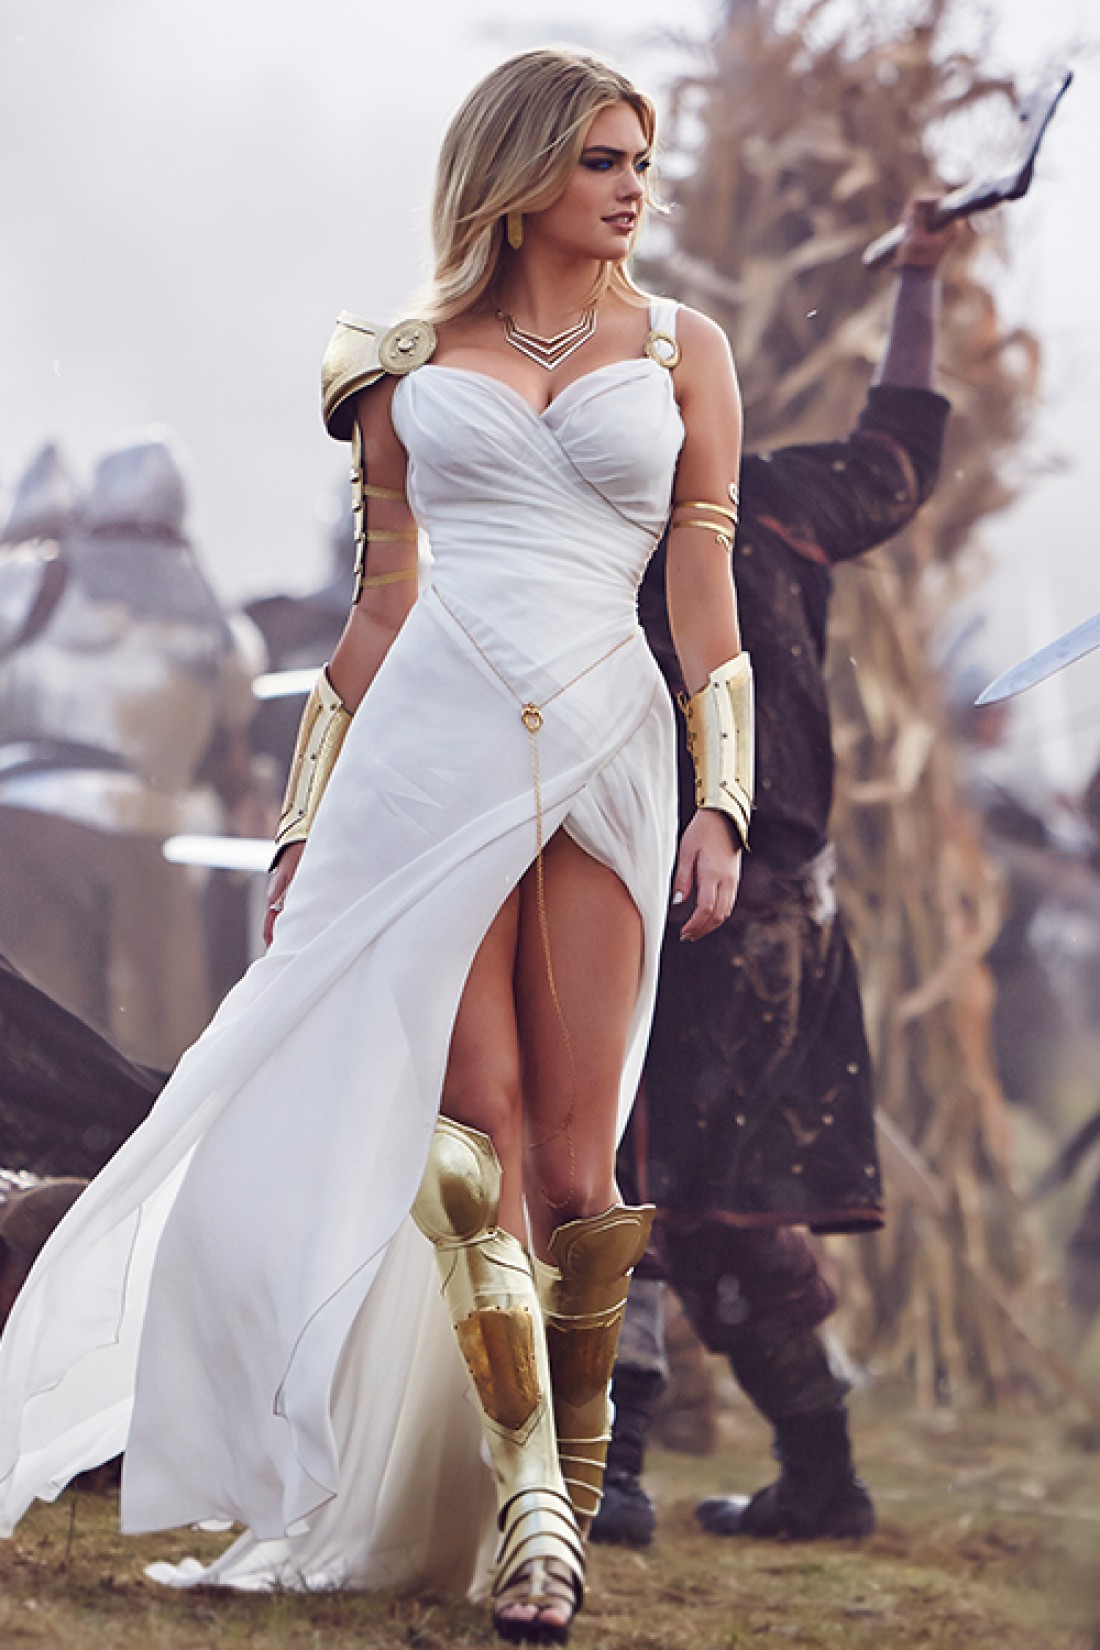 Кейт Аптон пользуется большой популярностью в киноиндустрии